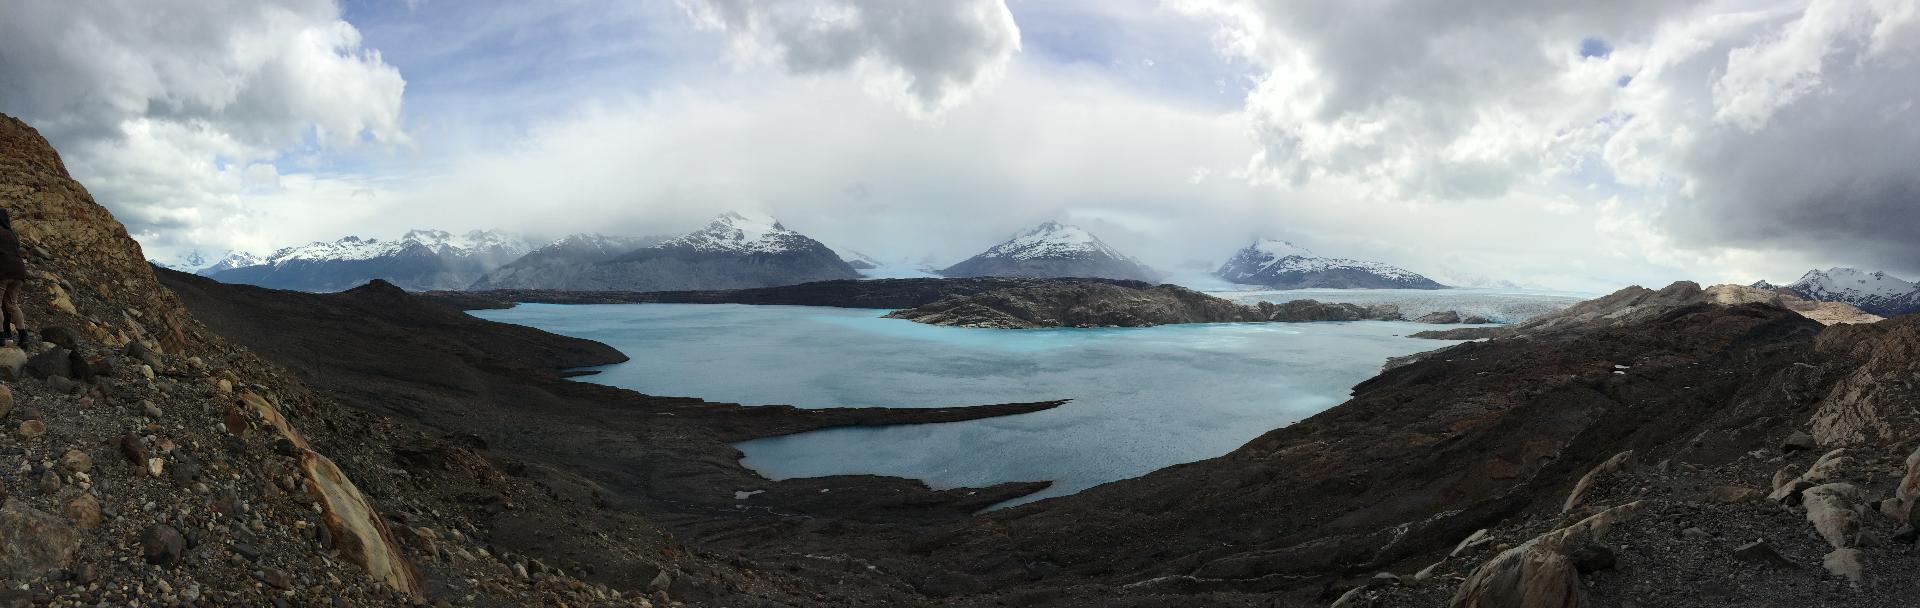 patagonia_glacier